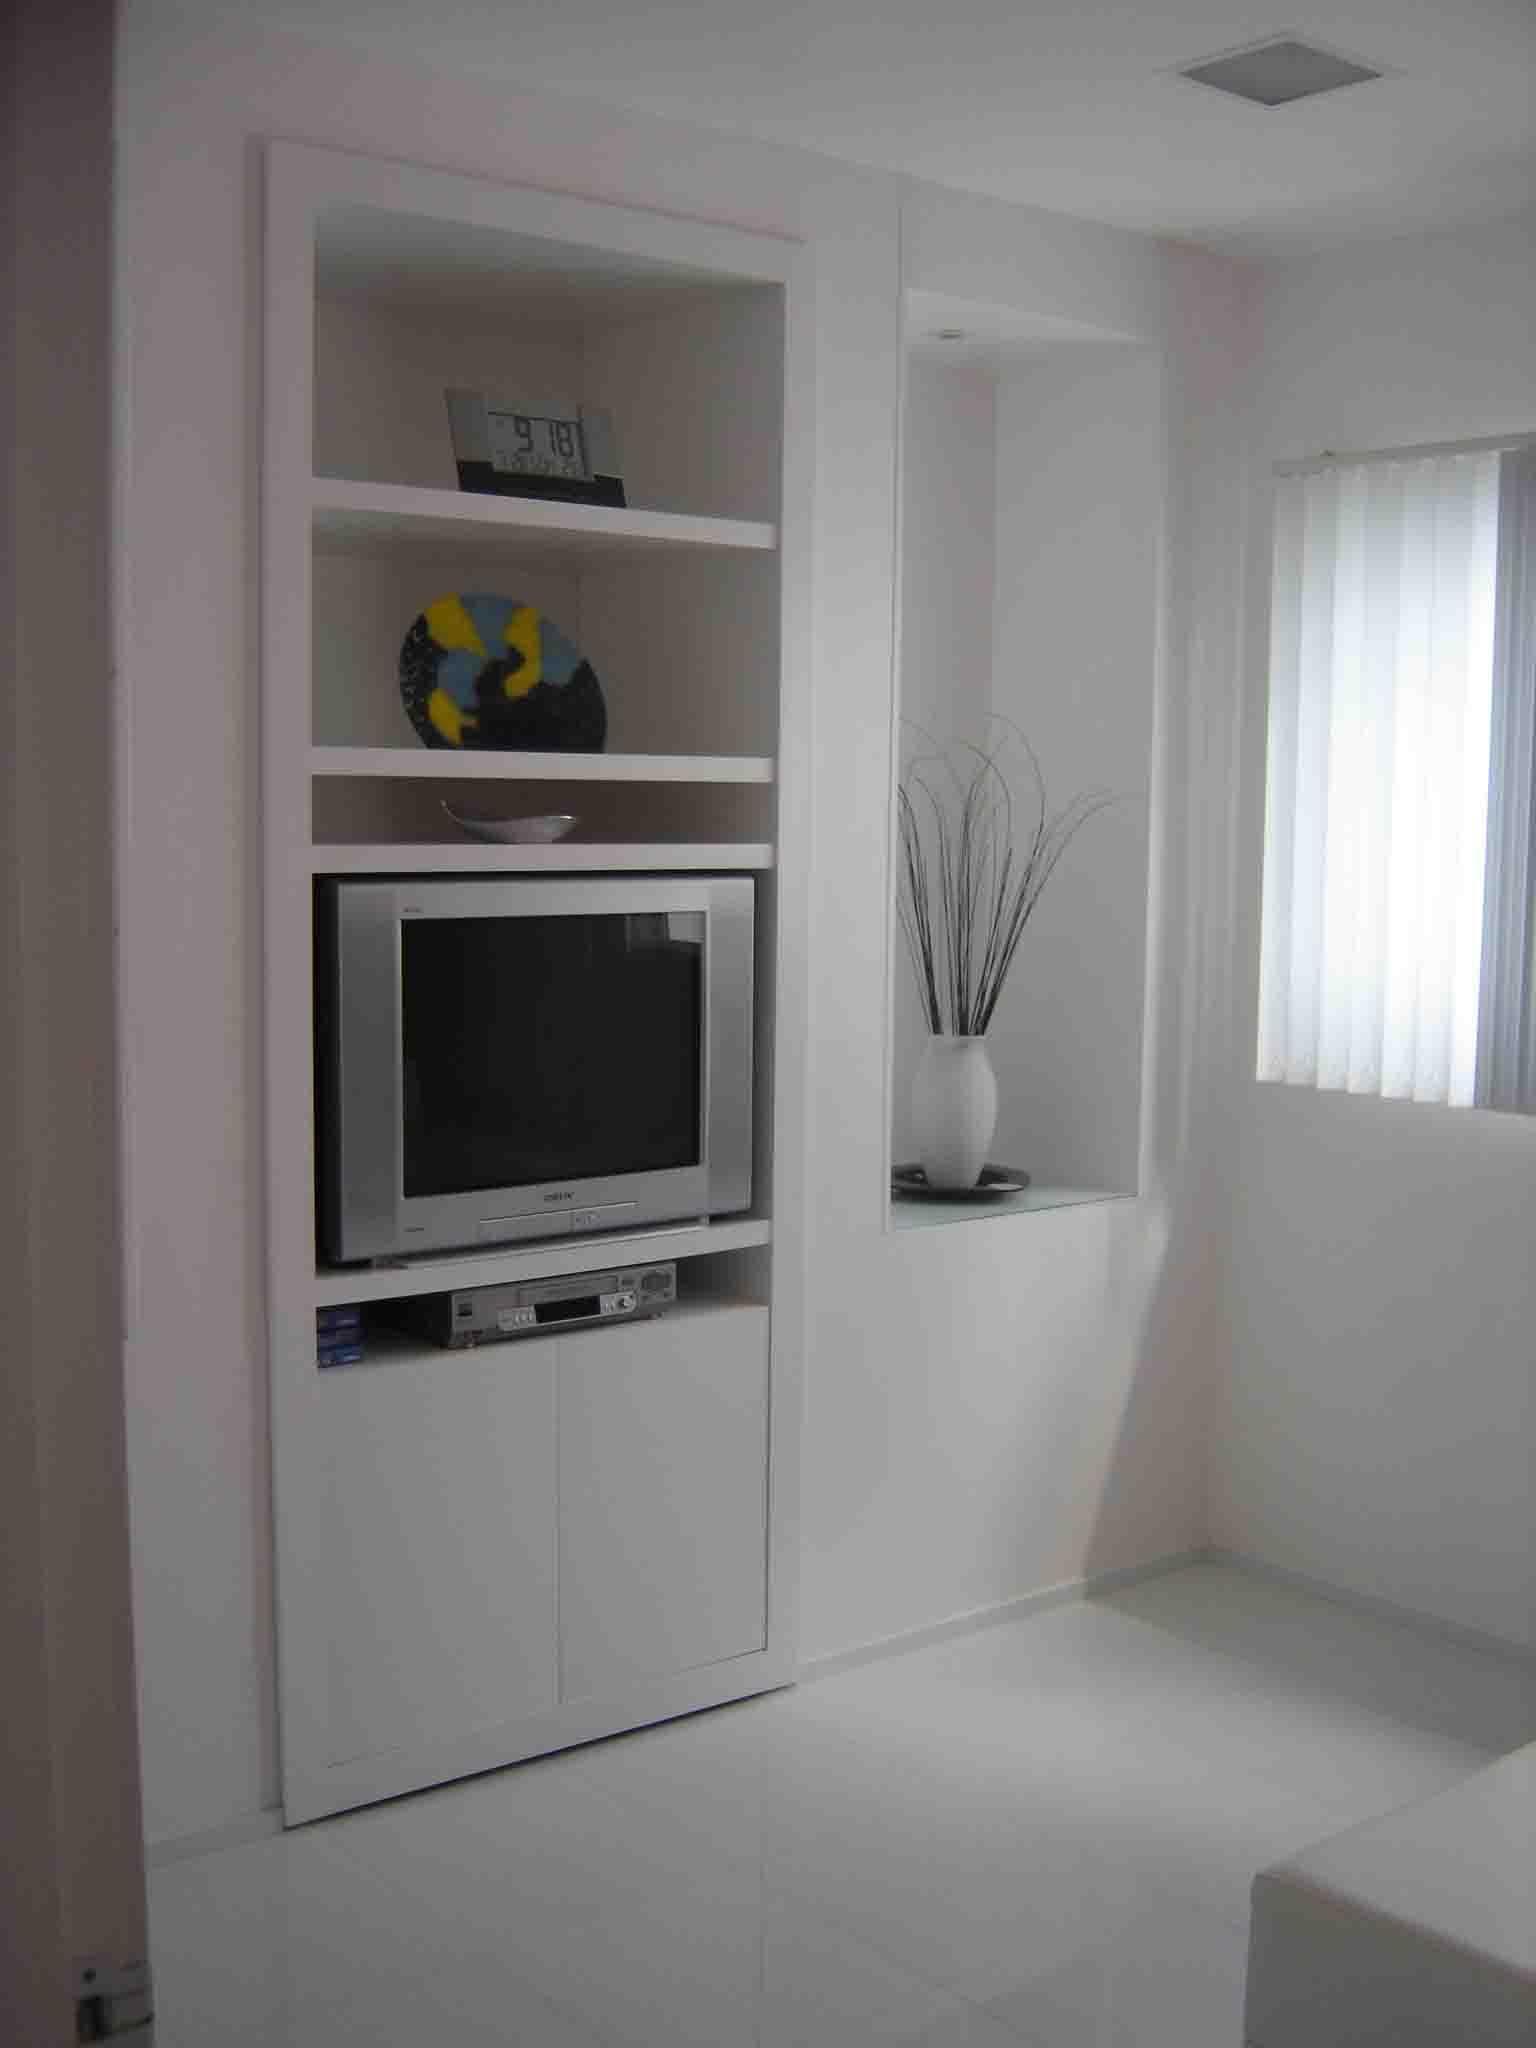 #596072 casa mobiliada de alto padrão com todo sistema de tecnologia para  1536x2048 px Armario De Cozinha Casas Bahia Natal Rn #1893 imagens